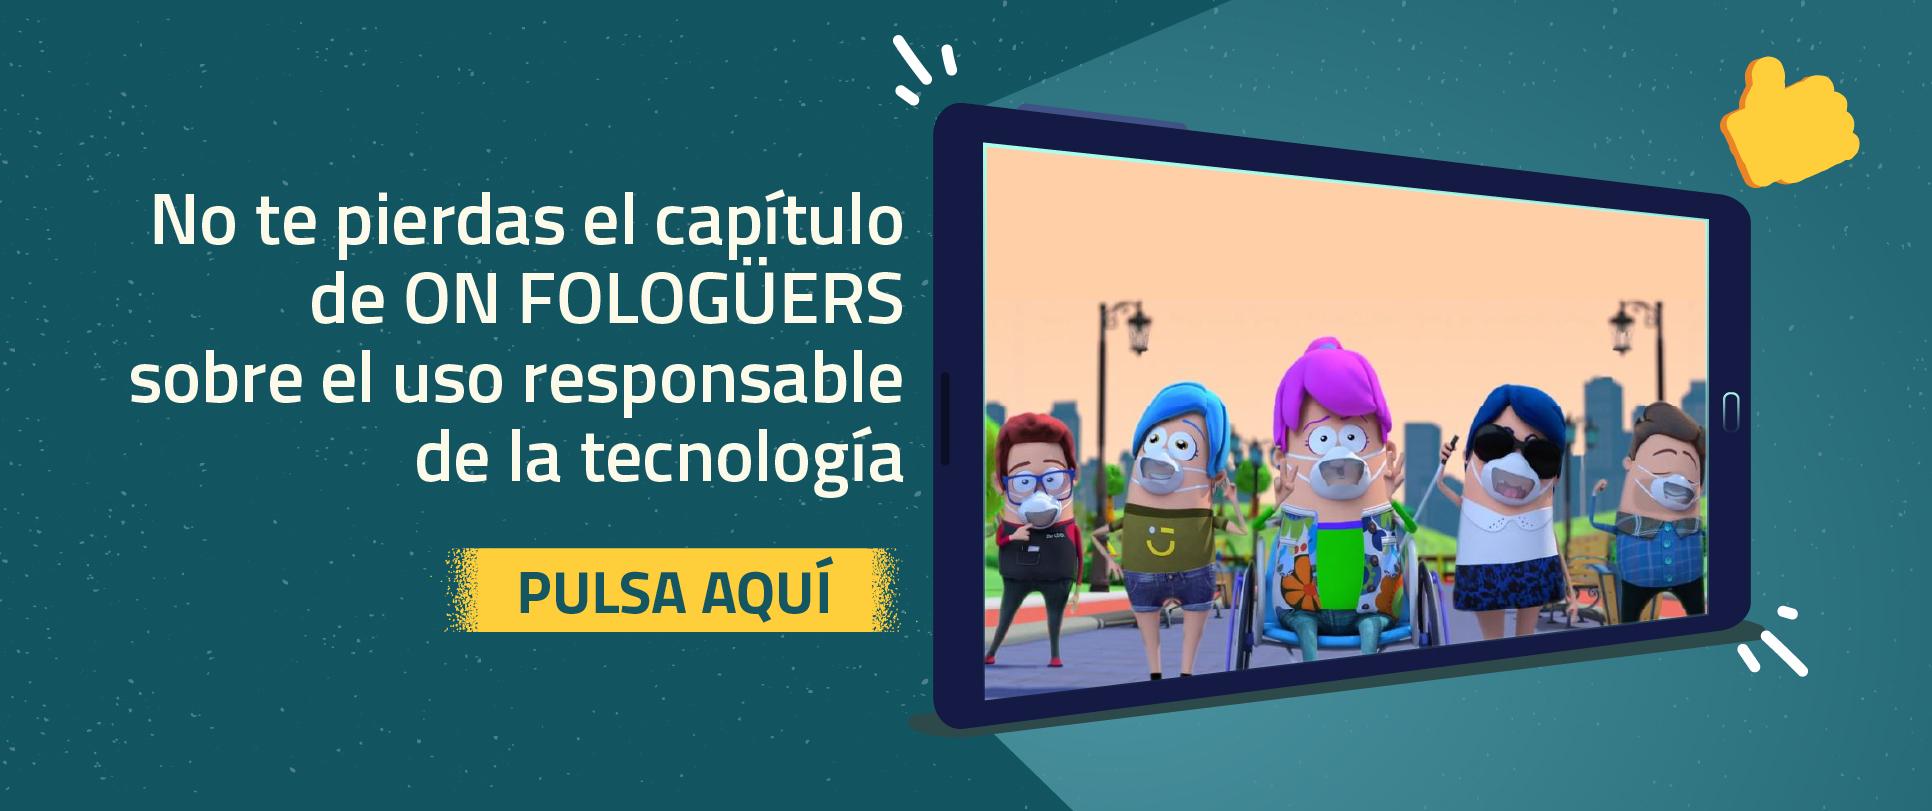 """No te pierdas el capítulo de """"On Follogüers"""" sobre el uso responsable de la tecnología"""